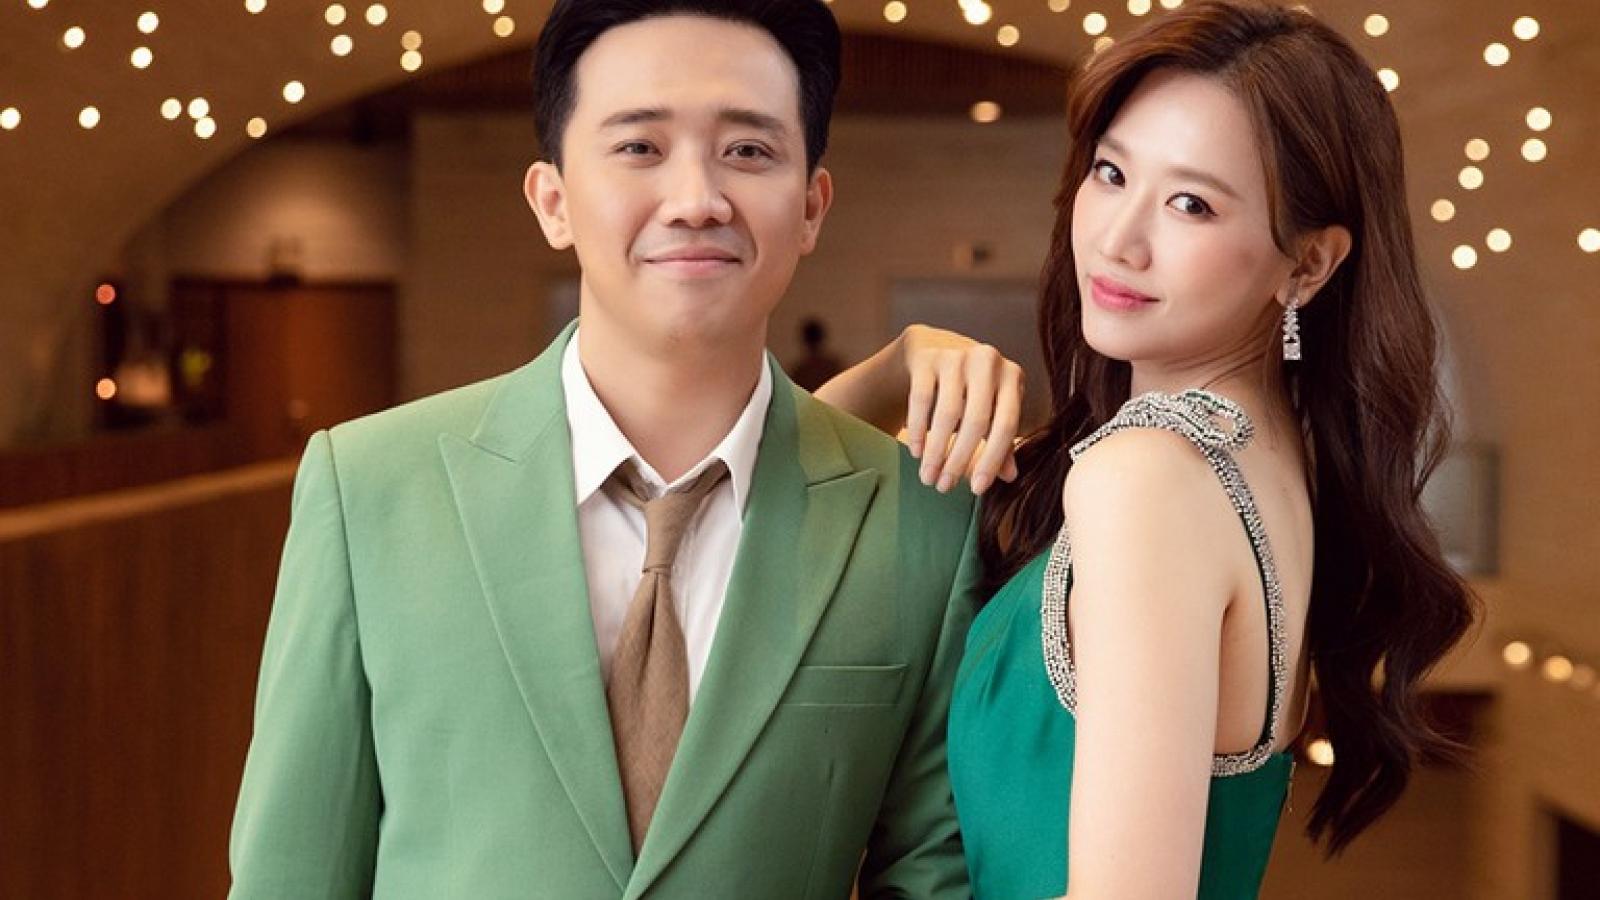 """Vũ Hà khen khéo Hari Won: """"Đằng sau đàn ông thành công đều có phụ nữ xinh đẹp"""""""